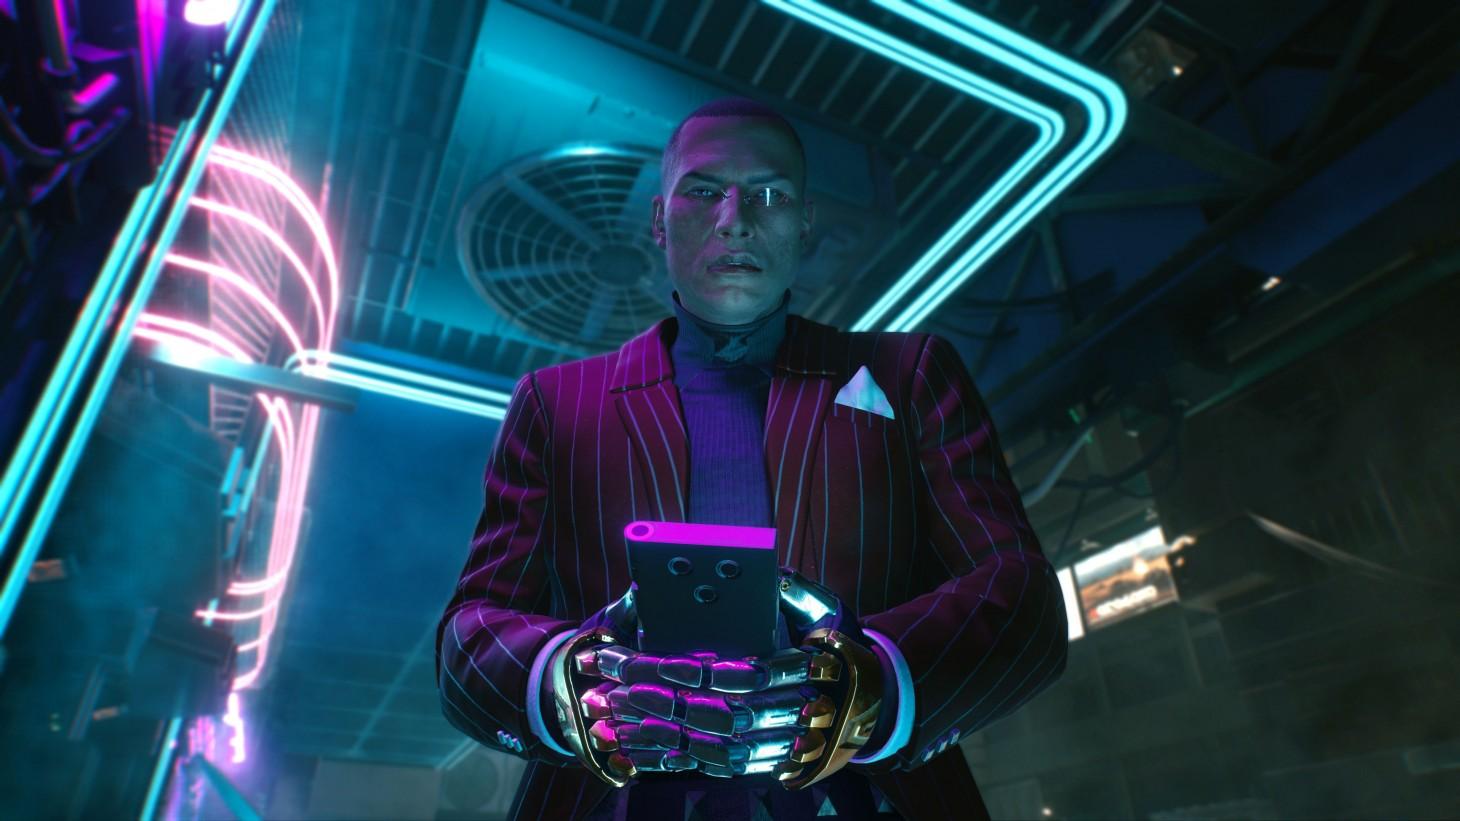 Cyberpunk 2077 Global Release Times - Game Informer